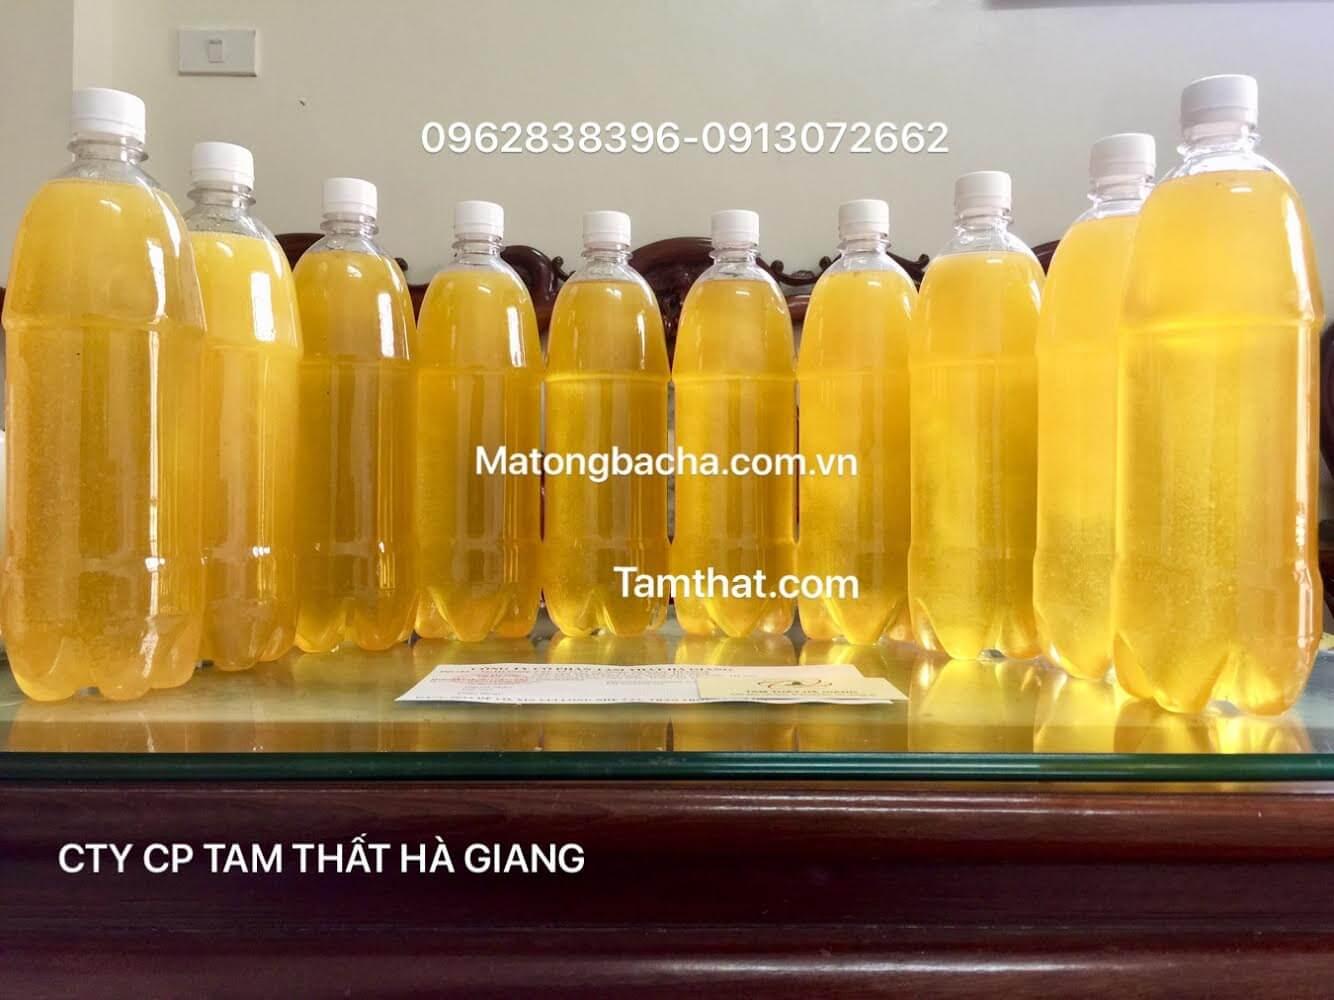 So sánh chất lượng mật ong bạc hà Mèo Vạc và mật ong bạc hà Đồng Văn